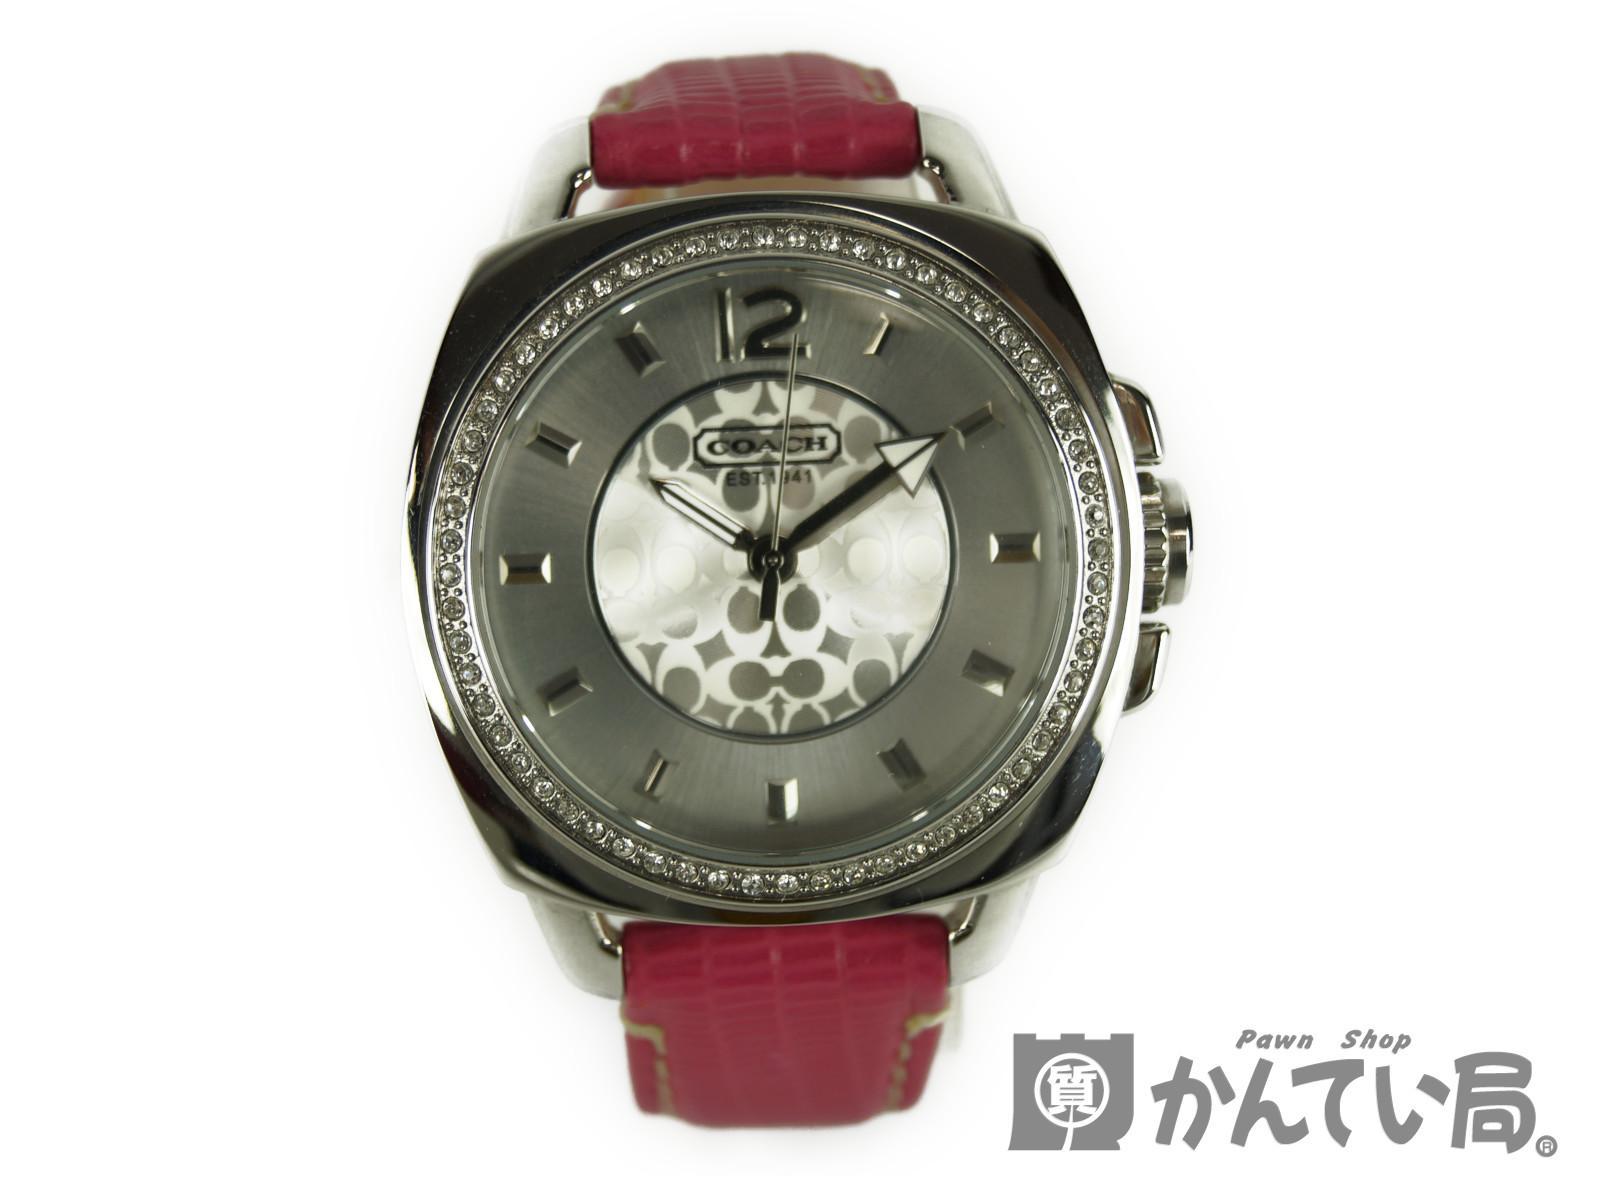 【COACH】コーチ クォーツCA43.7.14 レディース腕時計 ピンク【中古】F67-3020 USED-A かんてい局本社